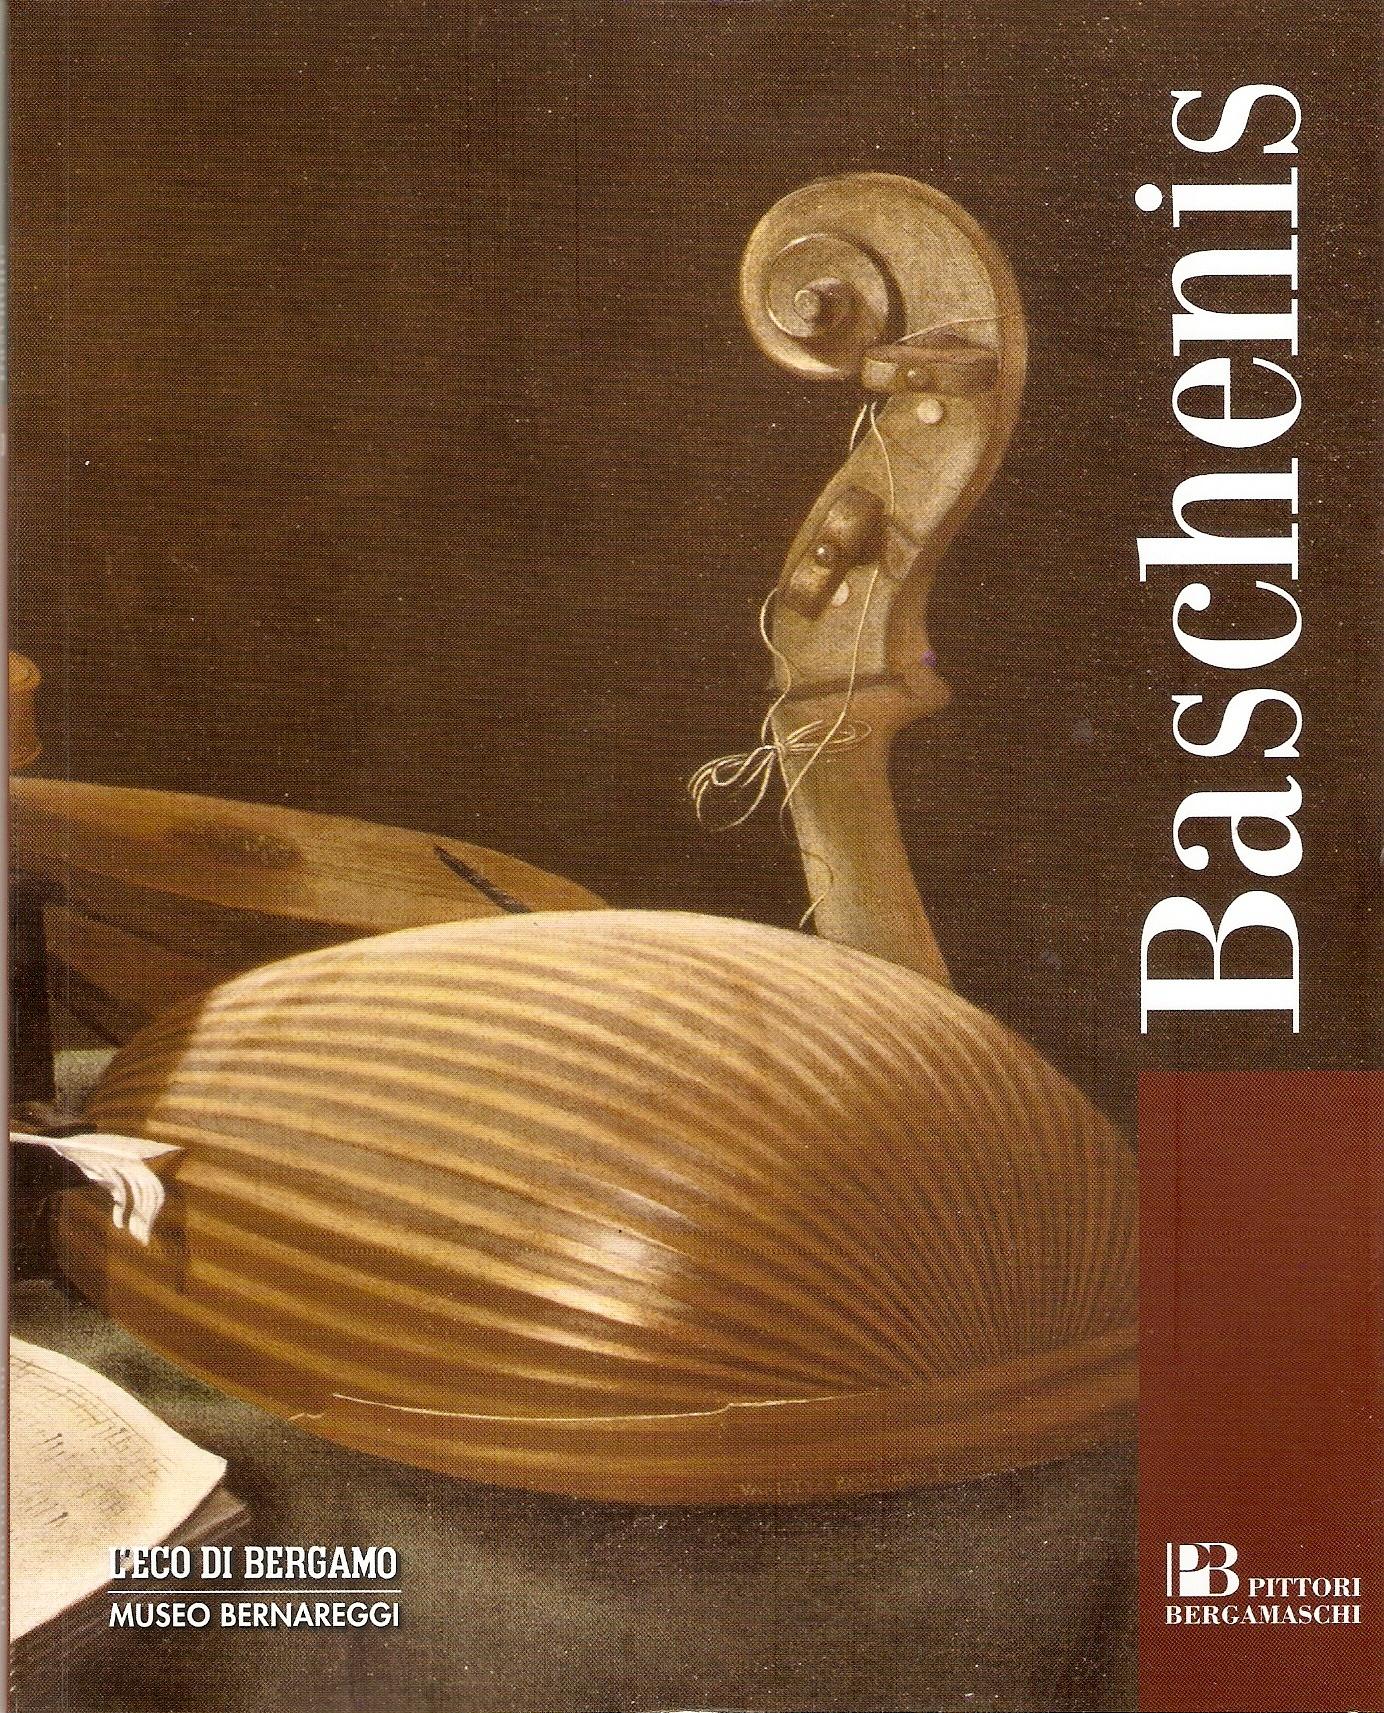 Baschenis